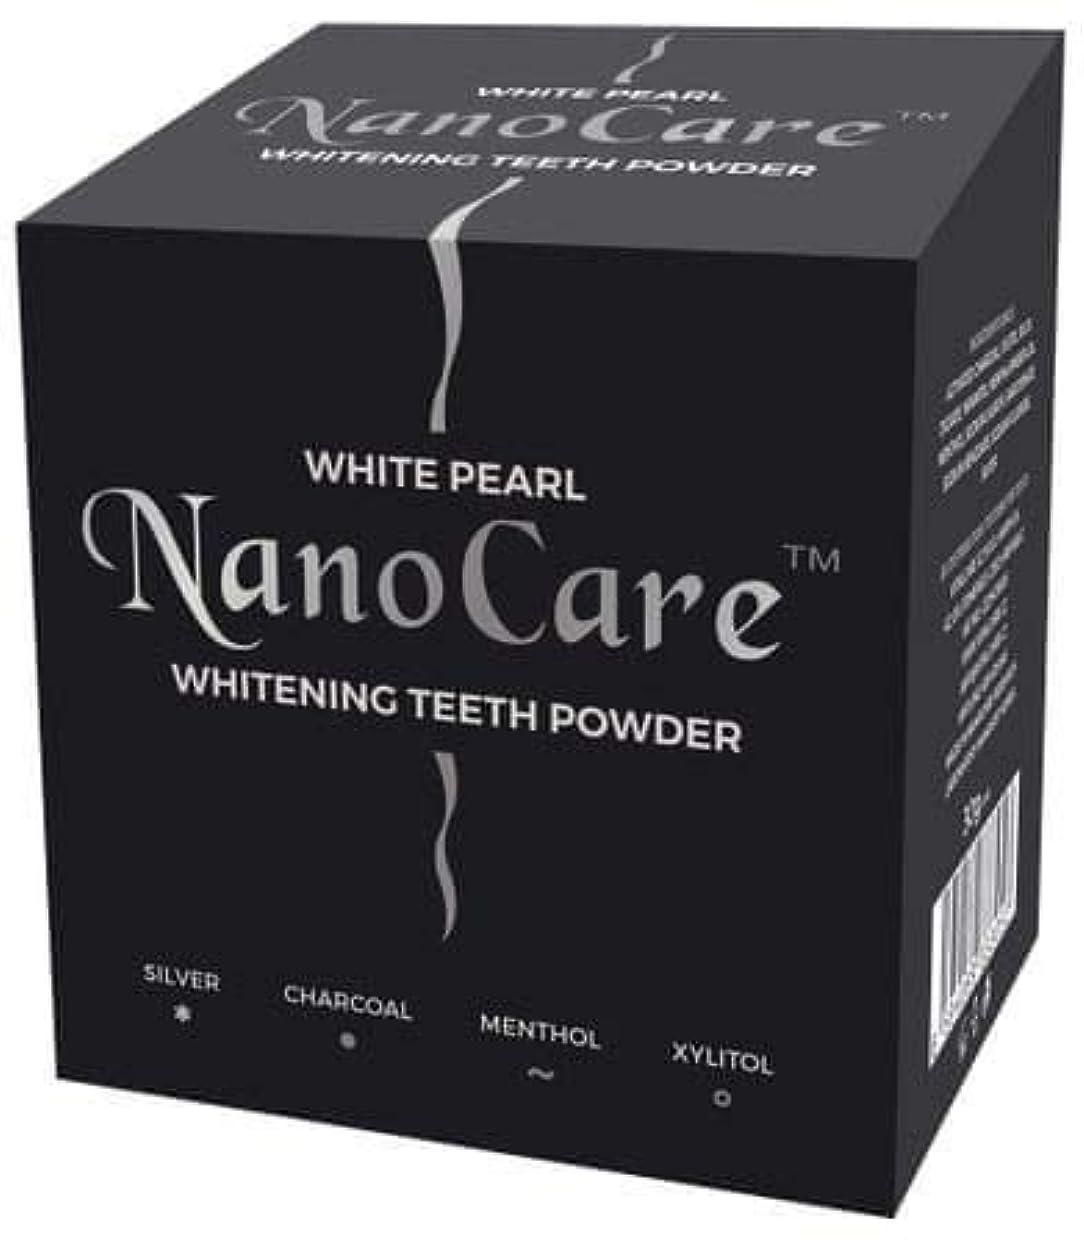 鍔ガソリン入手しますNano Care Whitening Powder with Active Charcoal and Silver nanoparticles 30g Made in Korea / 活性炭と銀ナノ粒子30gのナノケアホワイトニングパウダー韓国製